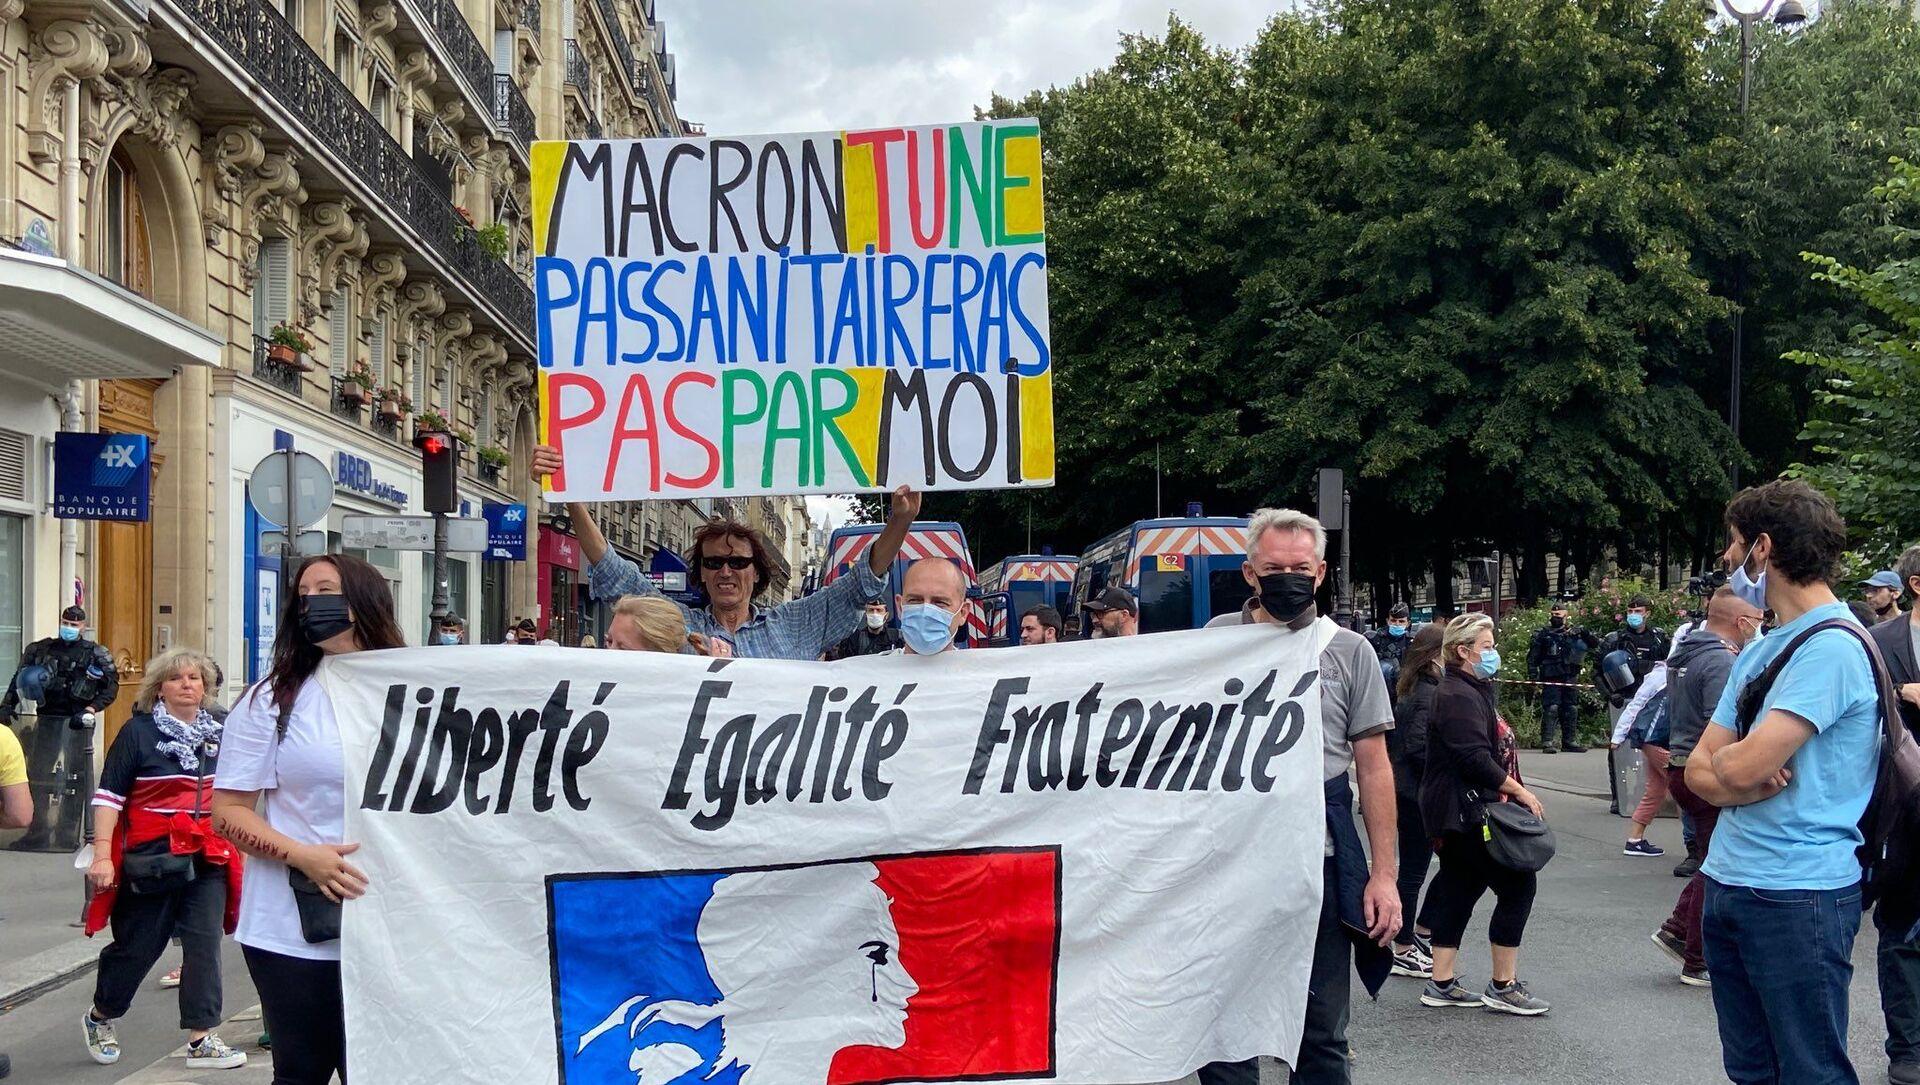 Manifestation contre le pass sanitaire à Paris - Sputnik France, 1920, 31.07.2021